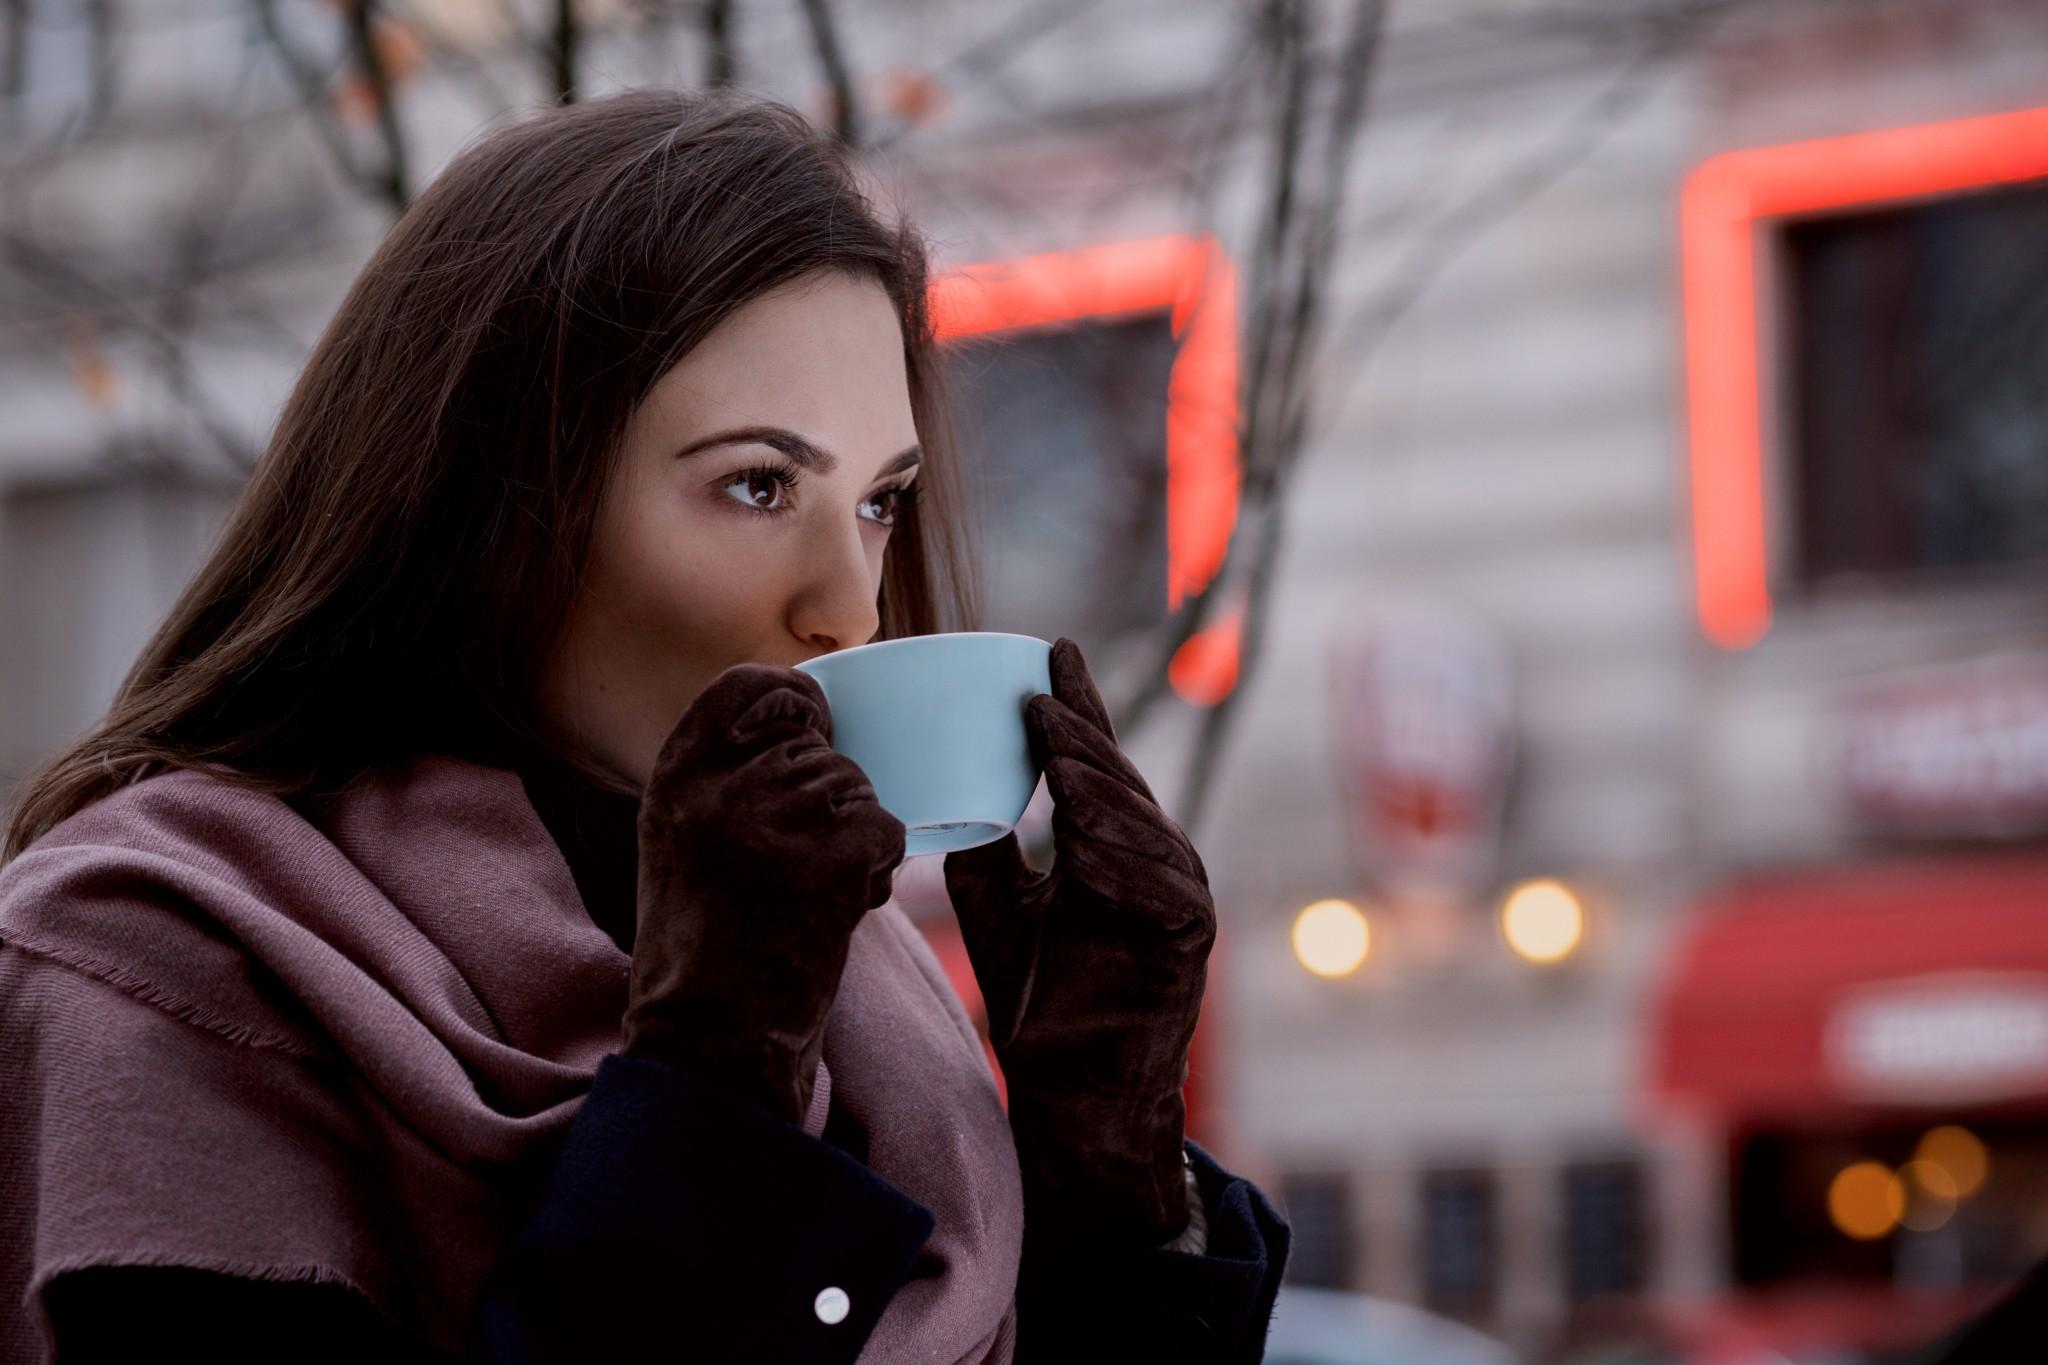 فوائد صحية لشاي الماتشا